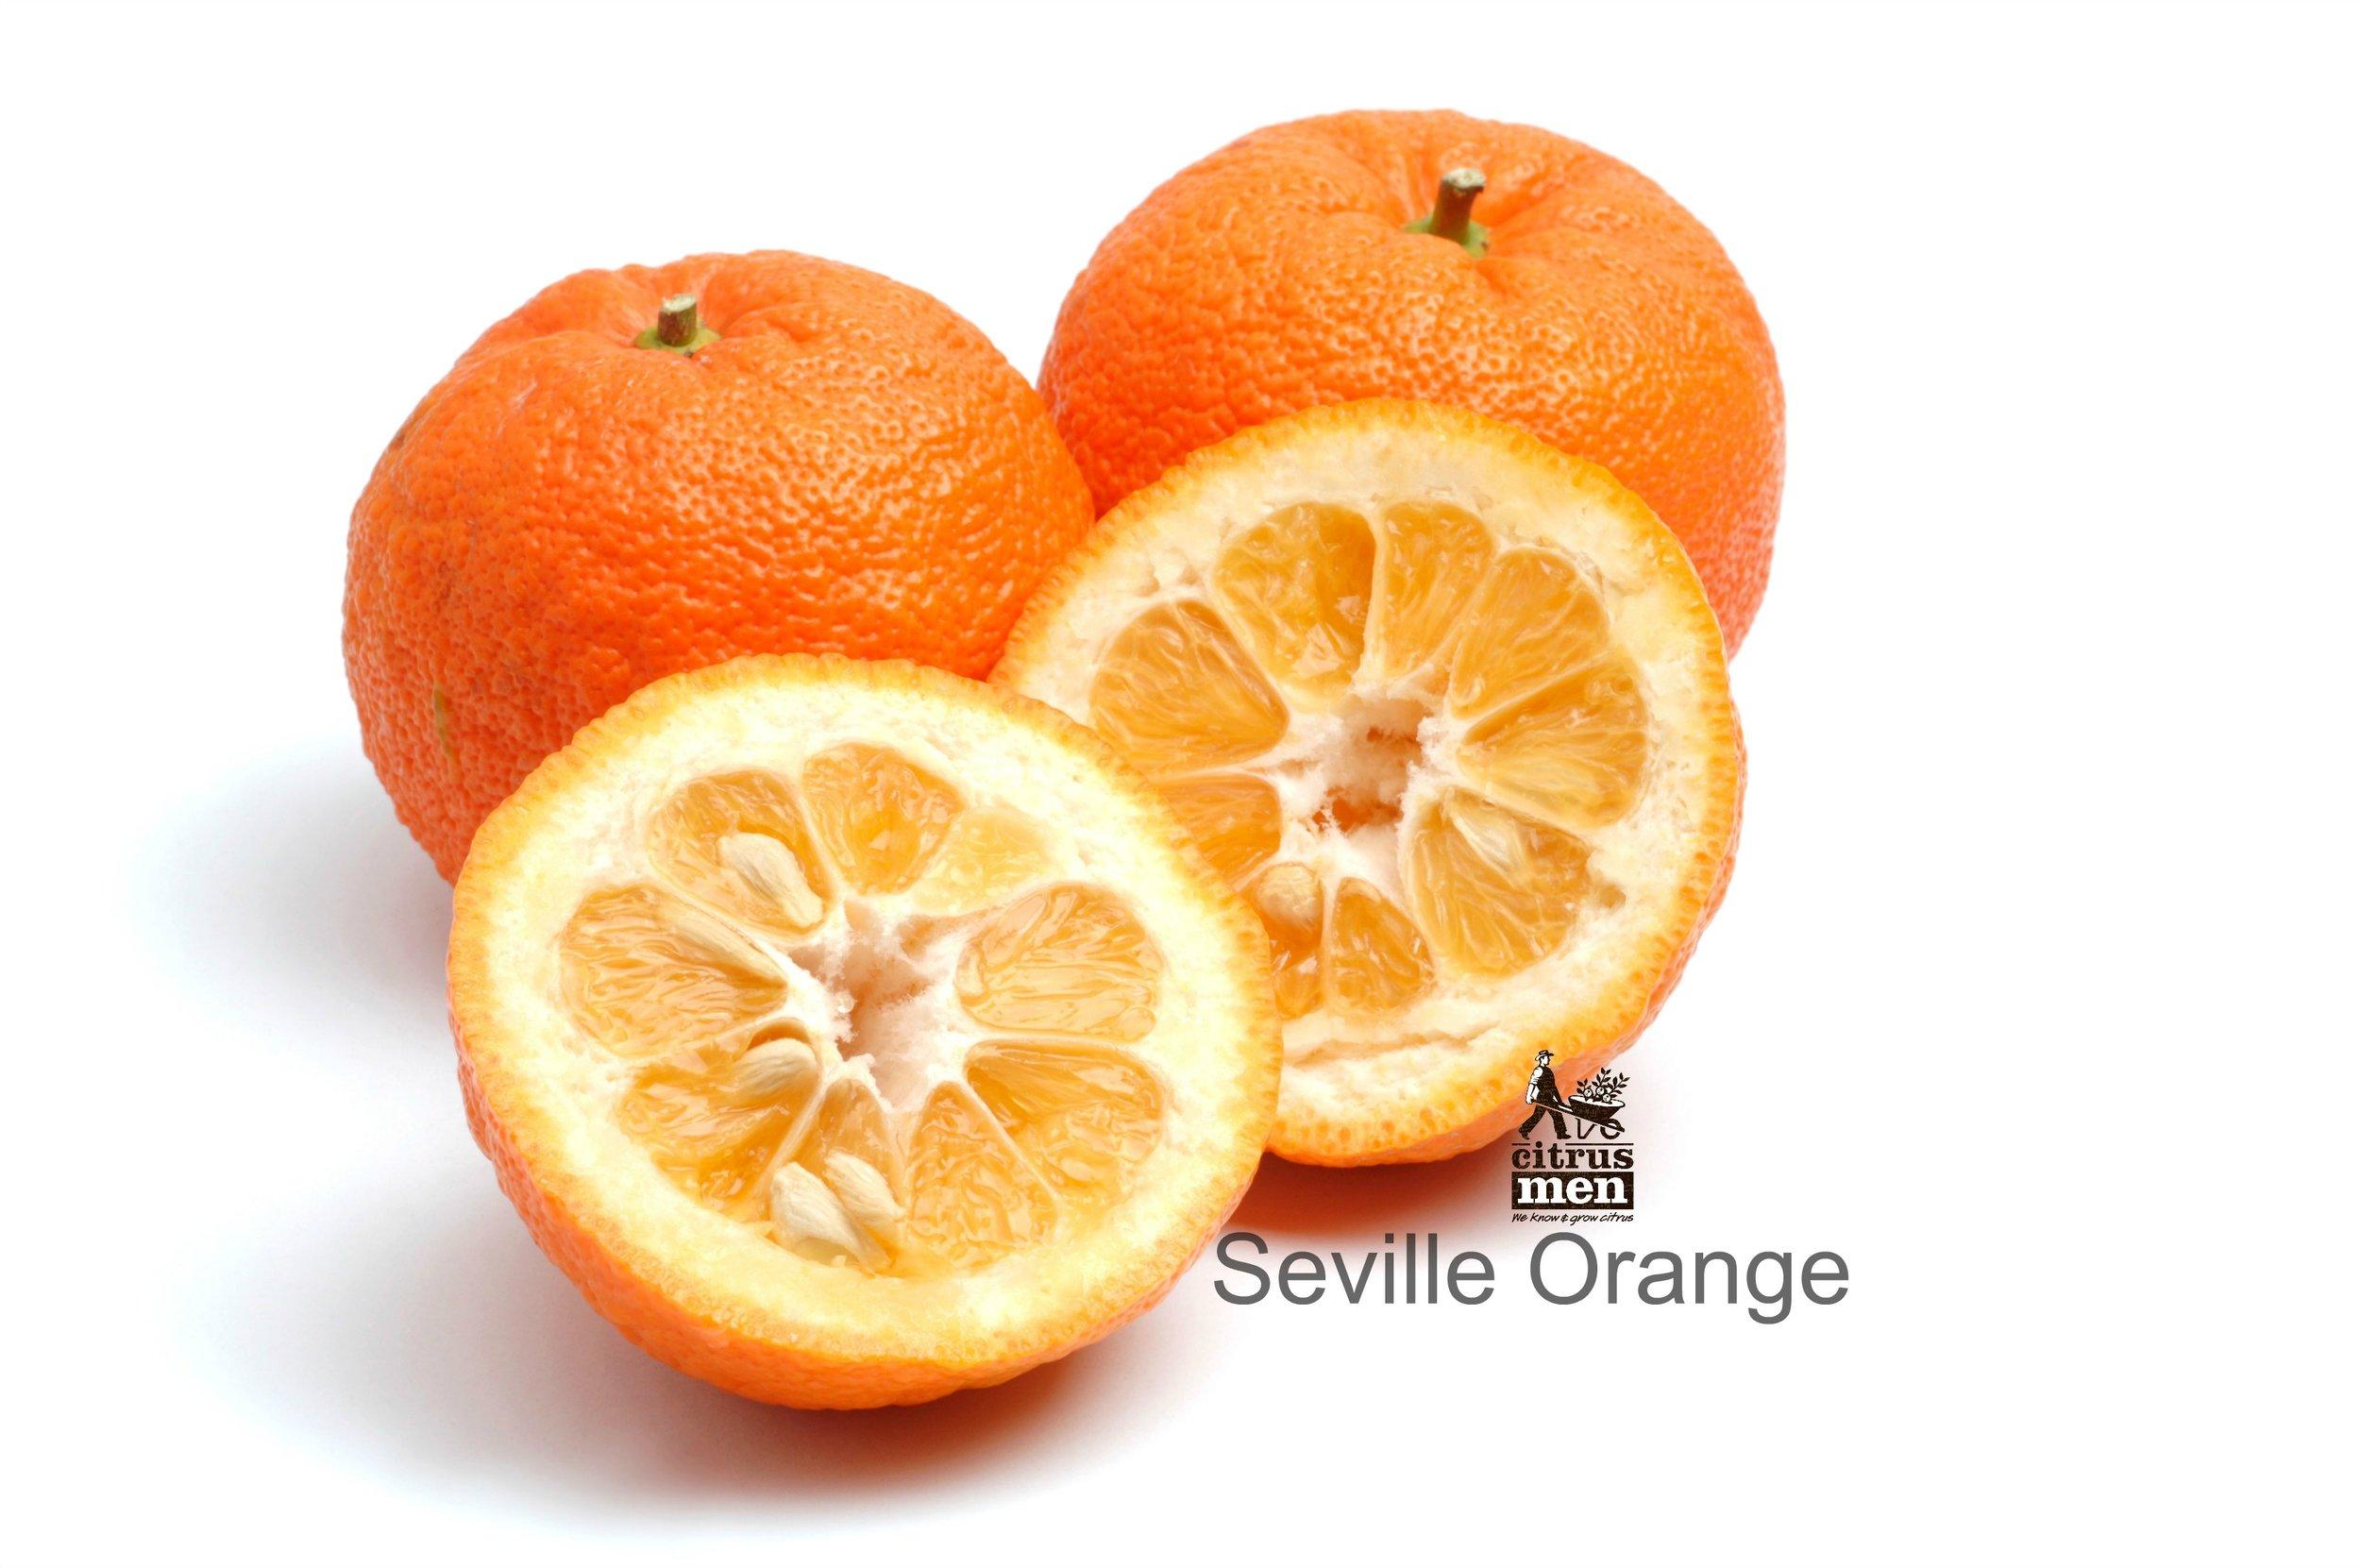 Berühmt Seville - Sour Orange — Citrus Men &FH_51